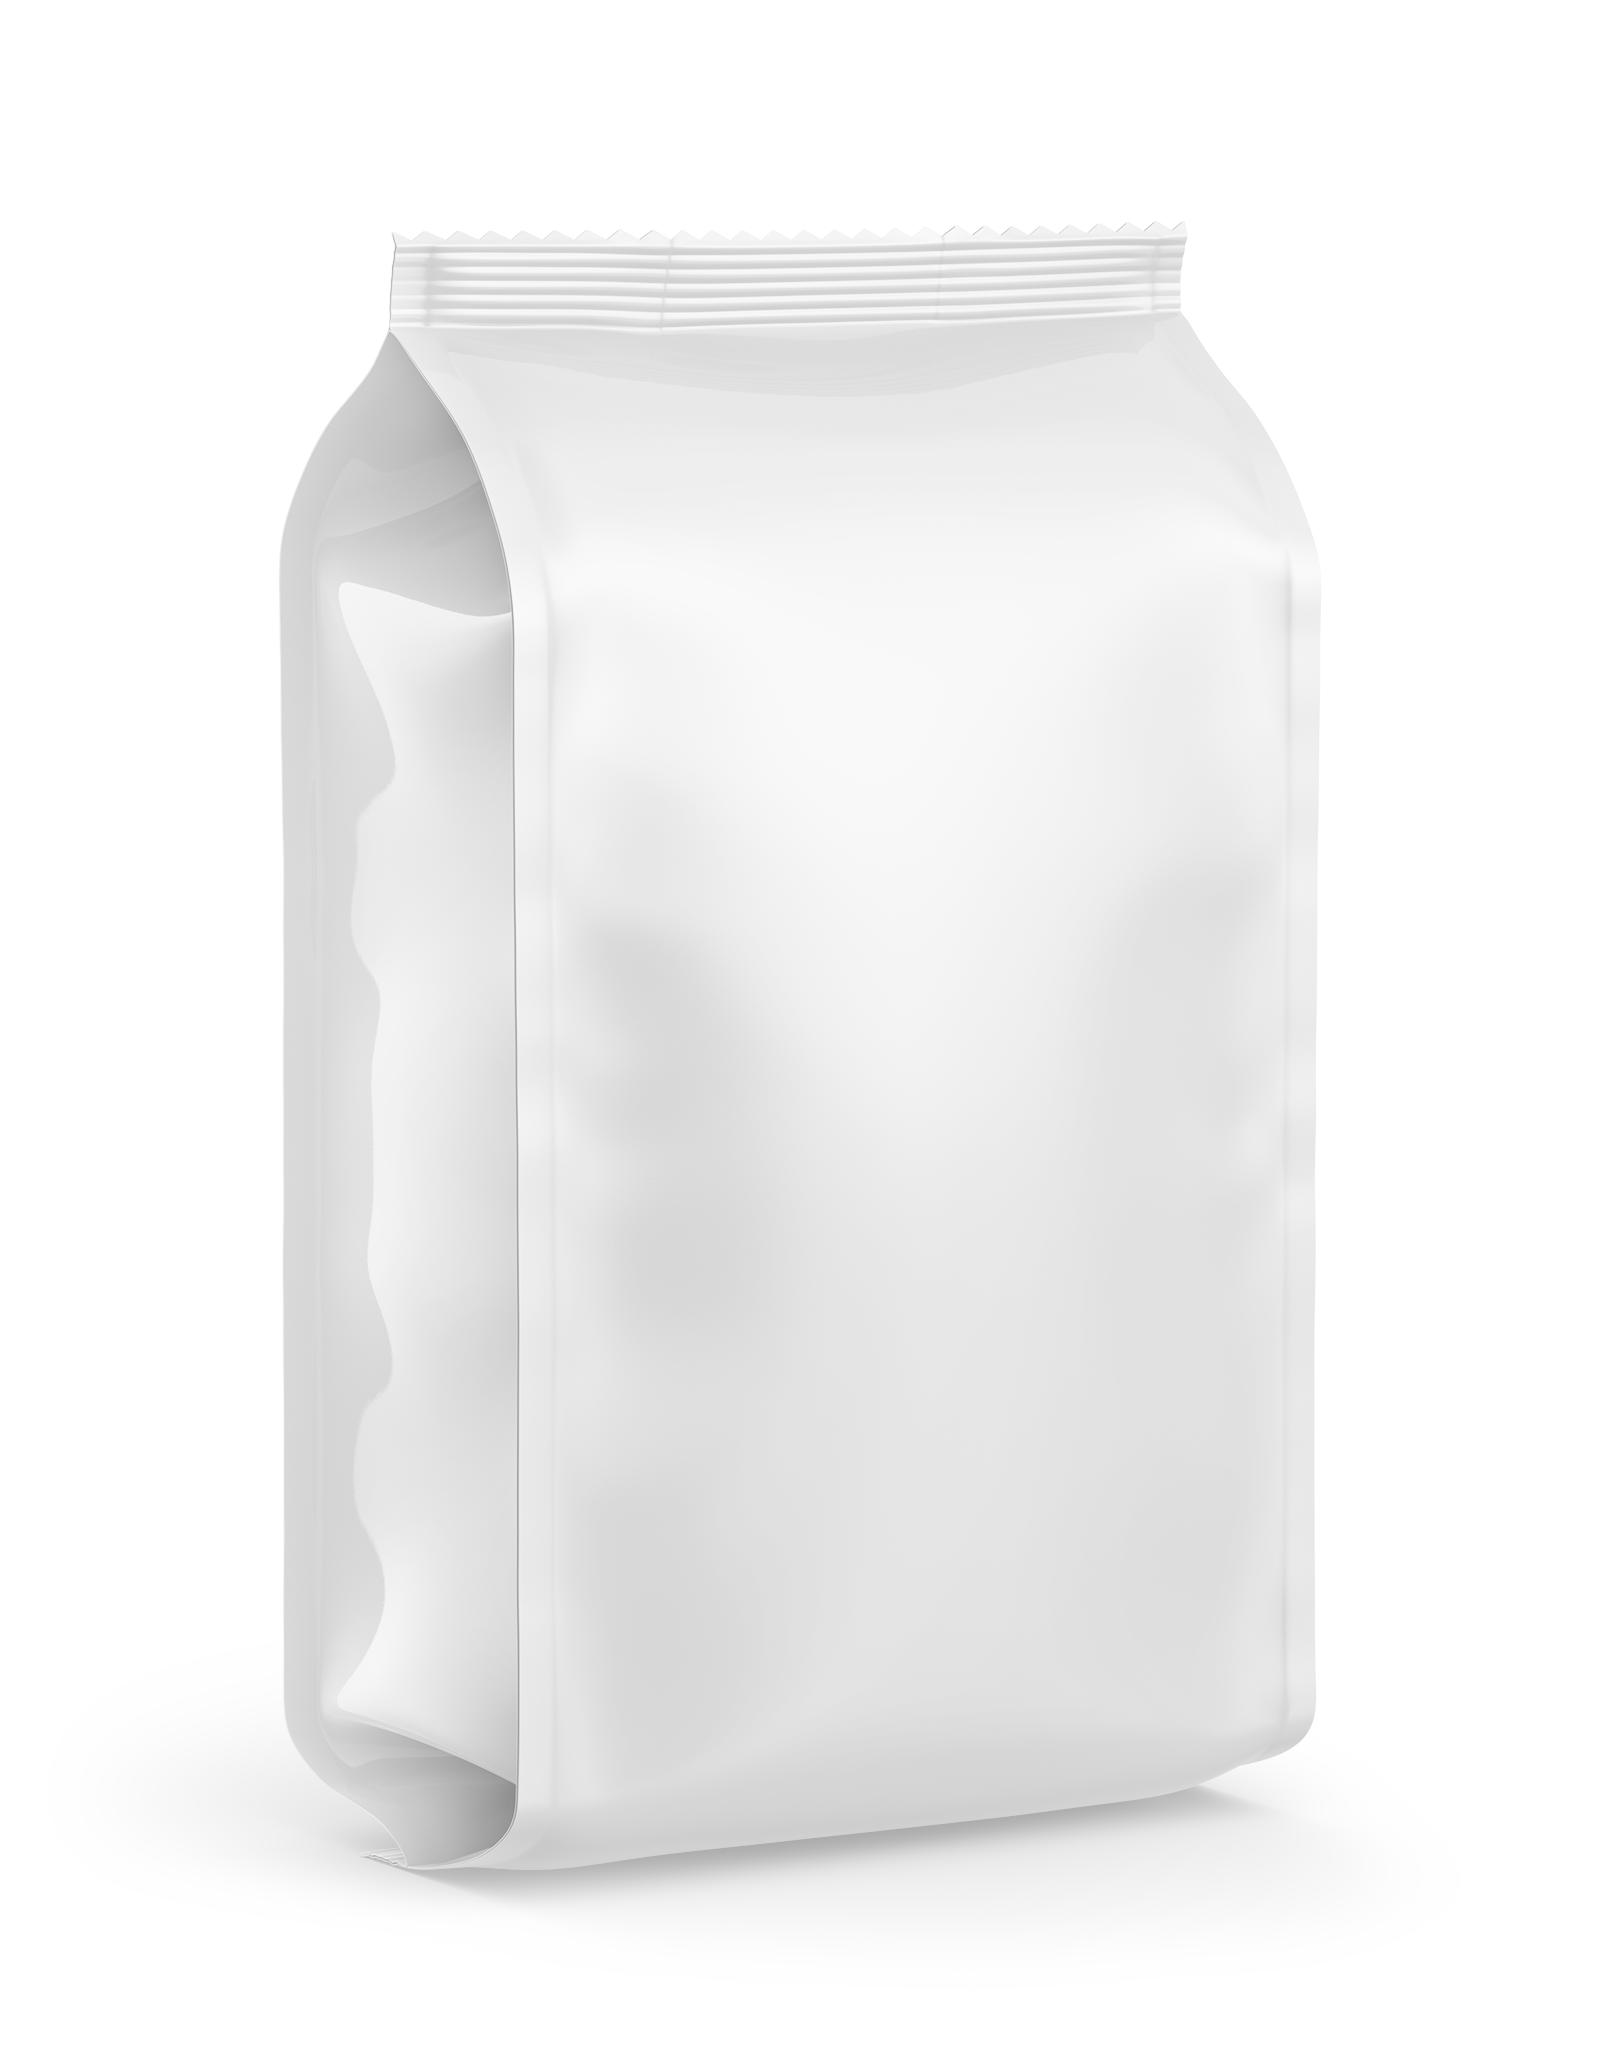 Free Food Packaging Mockup